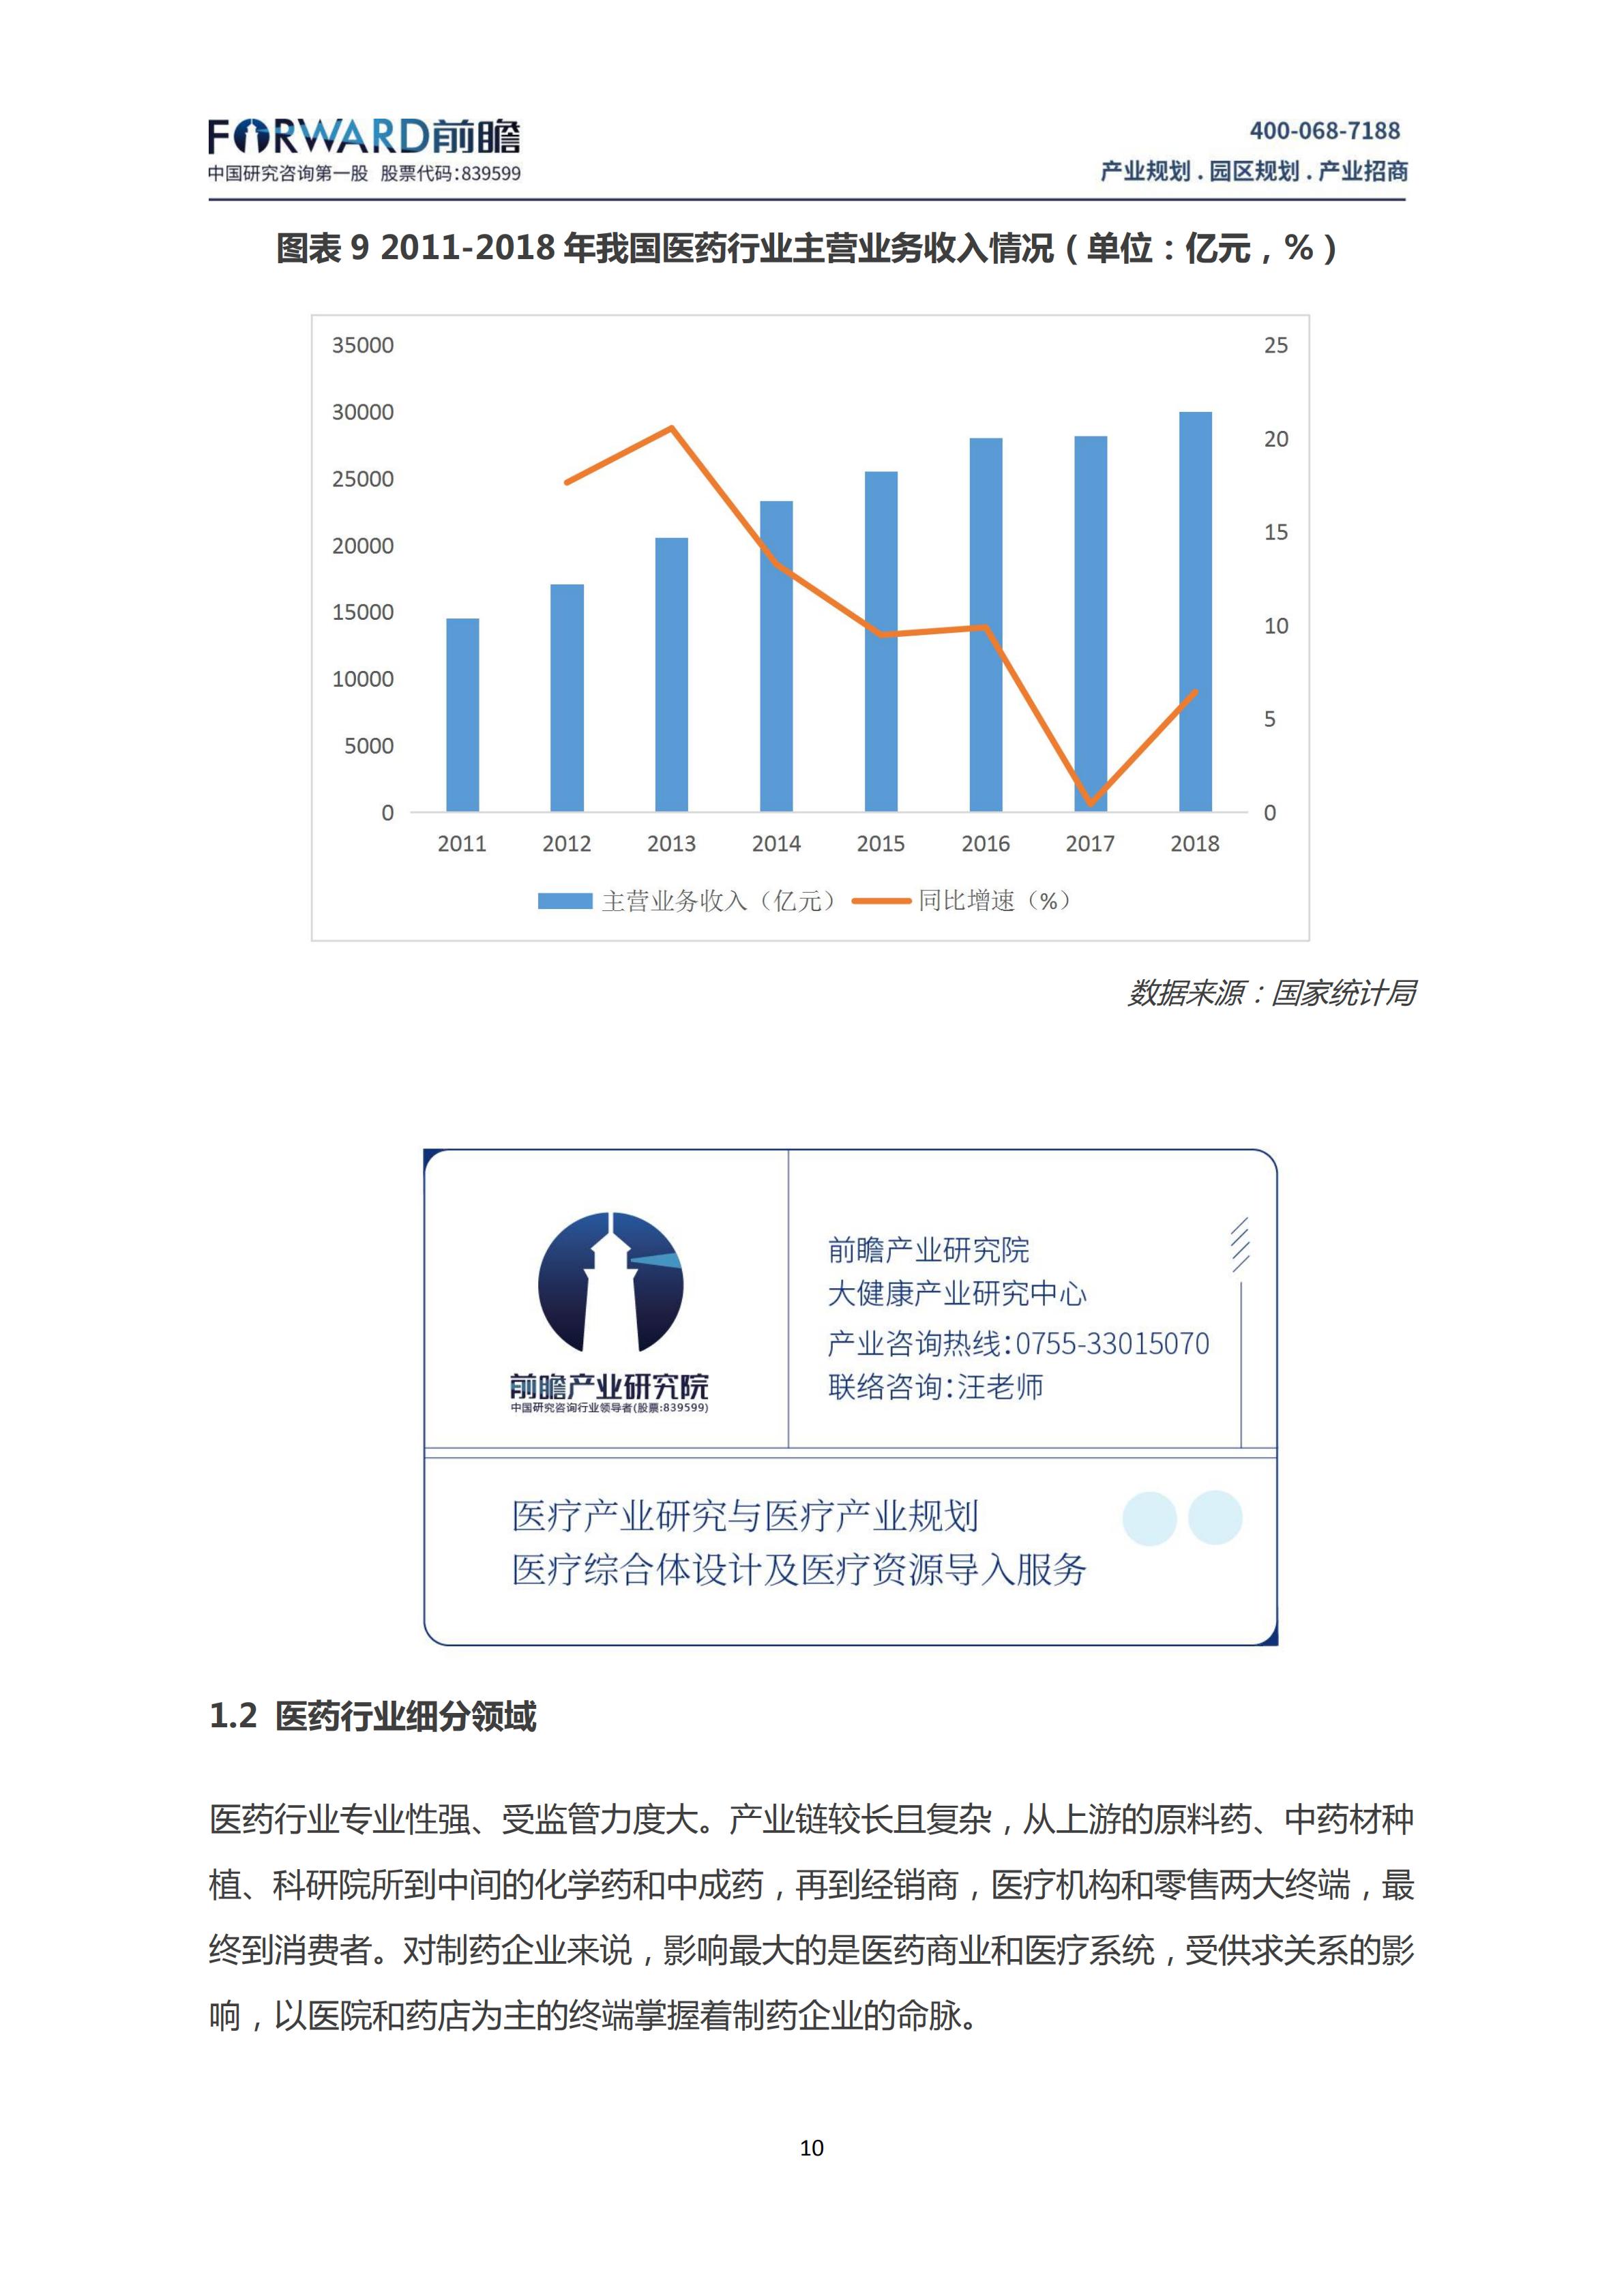 中国大健康产业发展现状及趋势分析_11.png